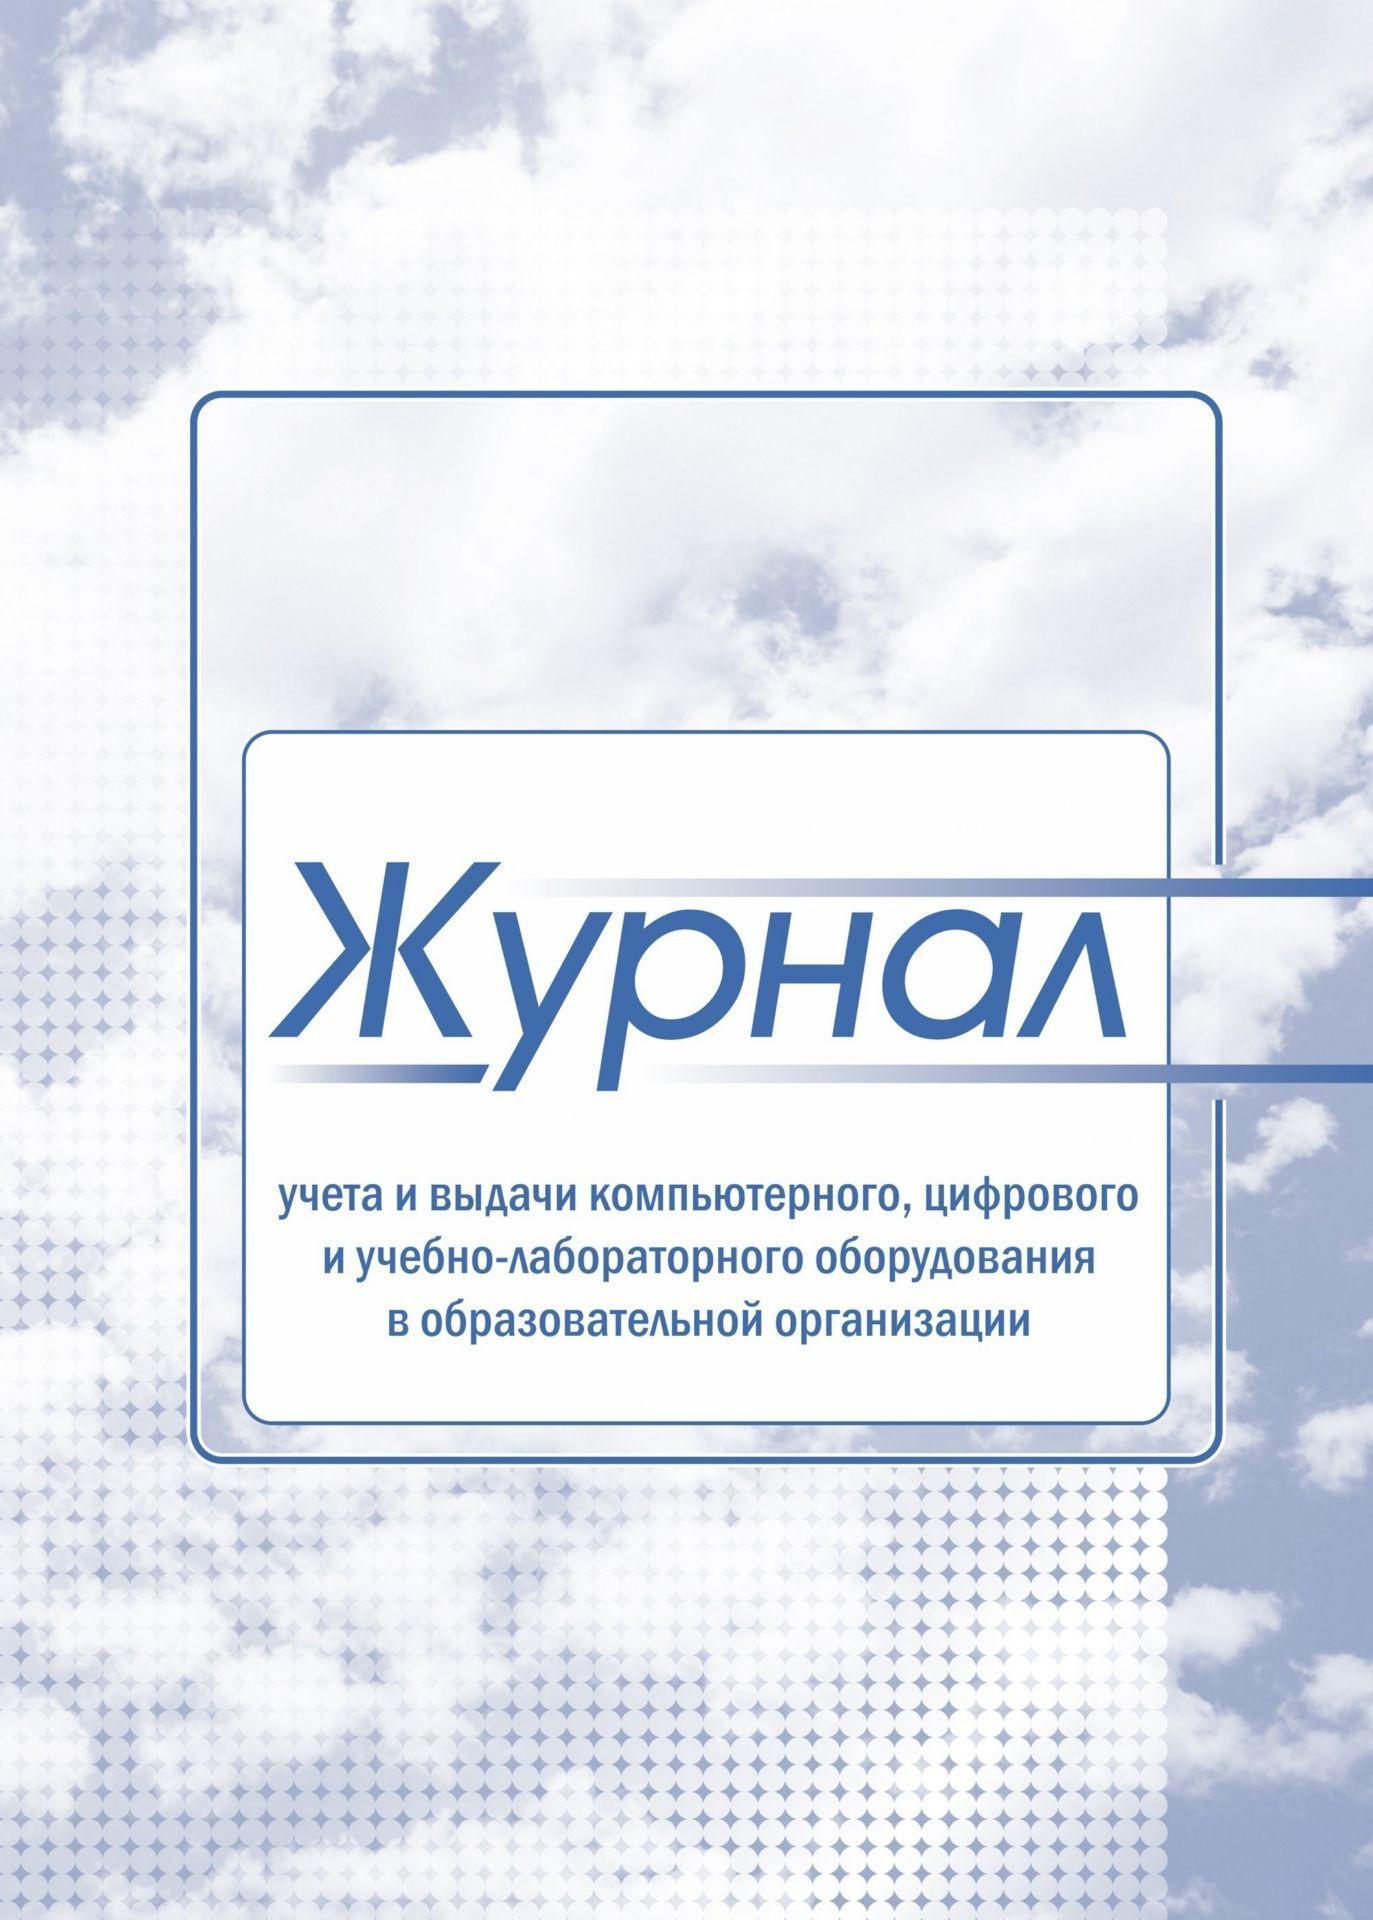 Журнал учета и выдачи компьютерного, цифрового учебно-лабораторного оборудования в образовательной организации